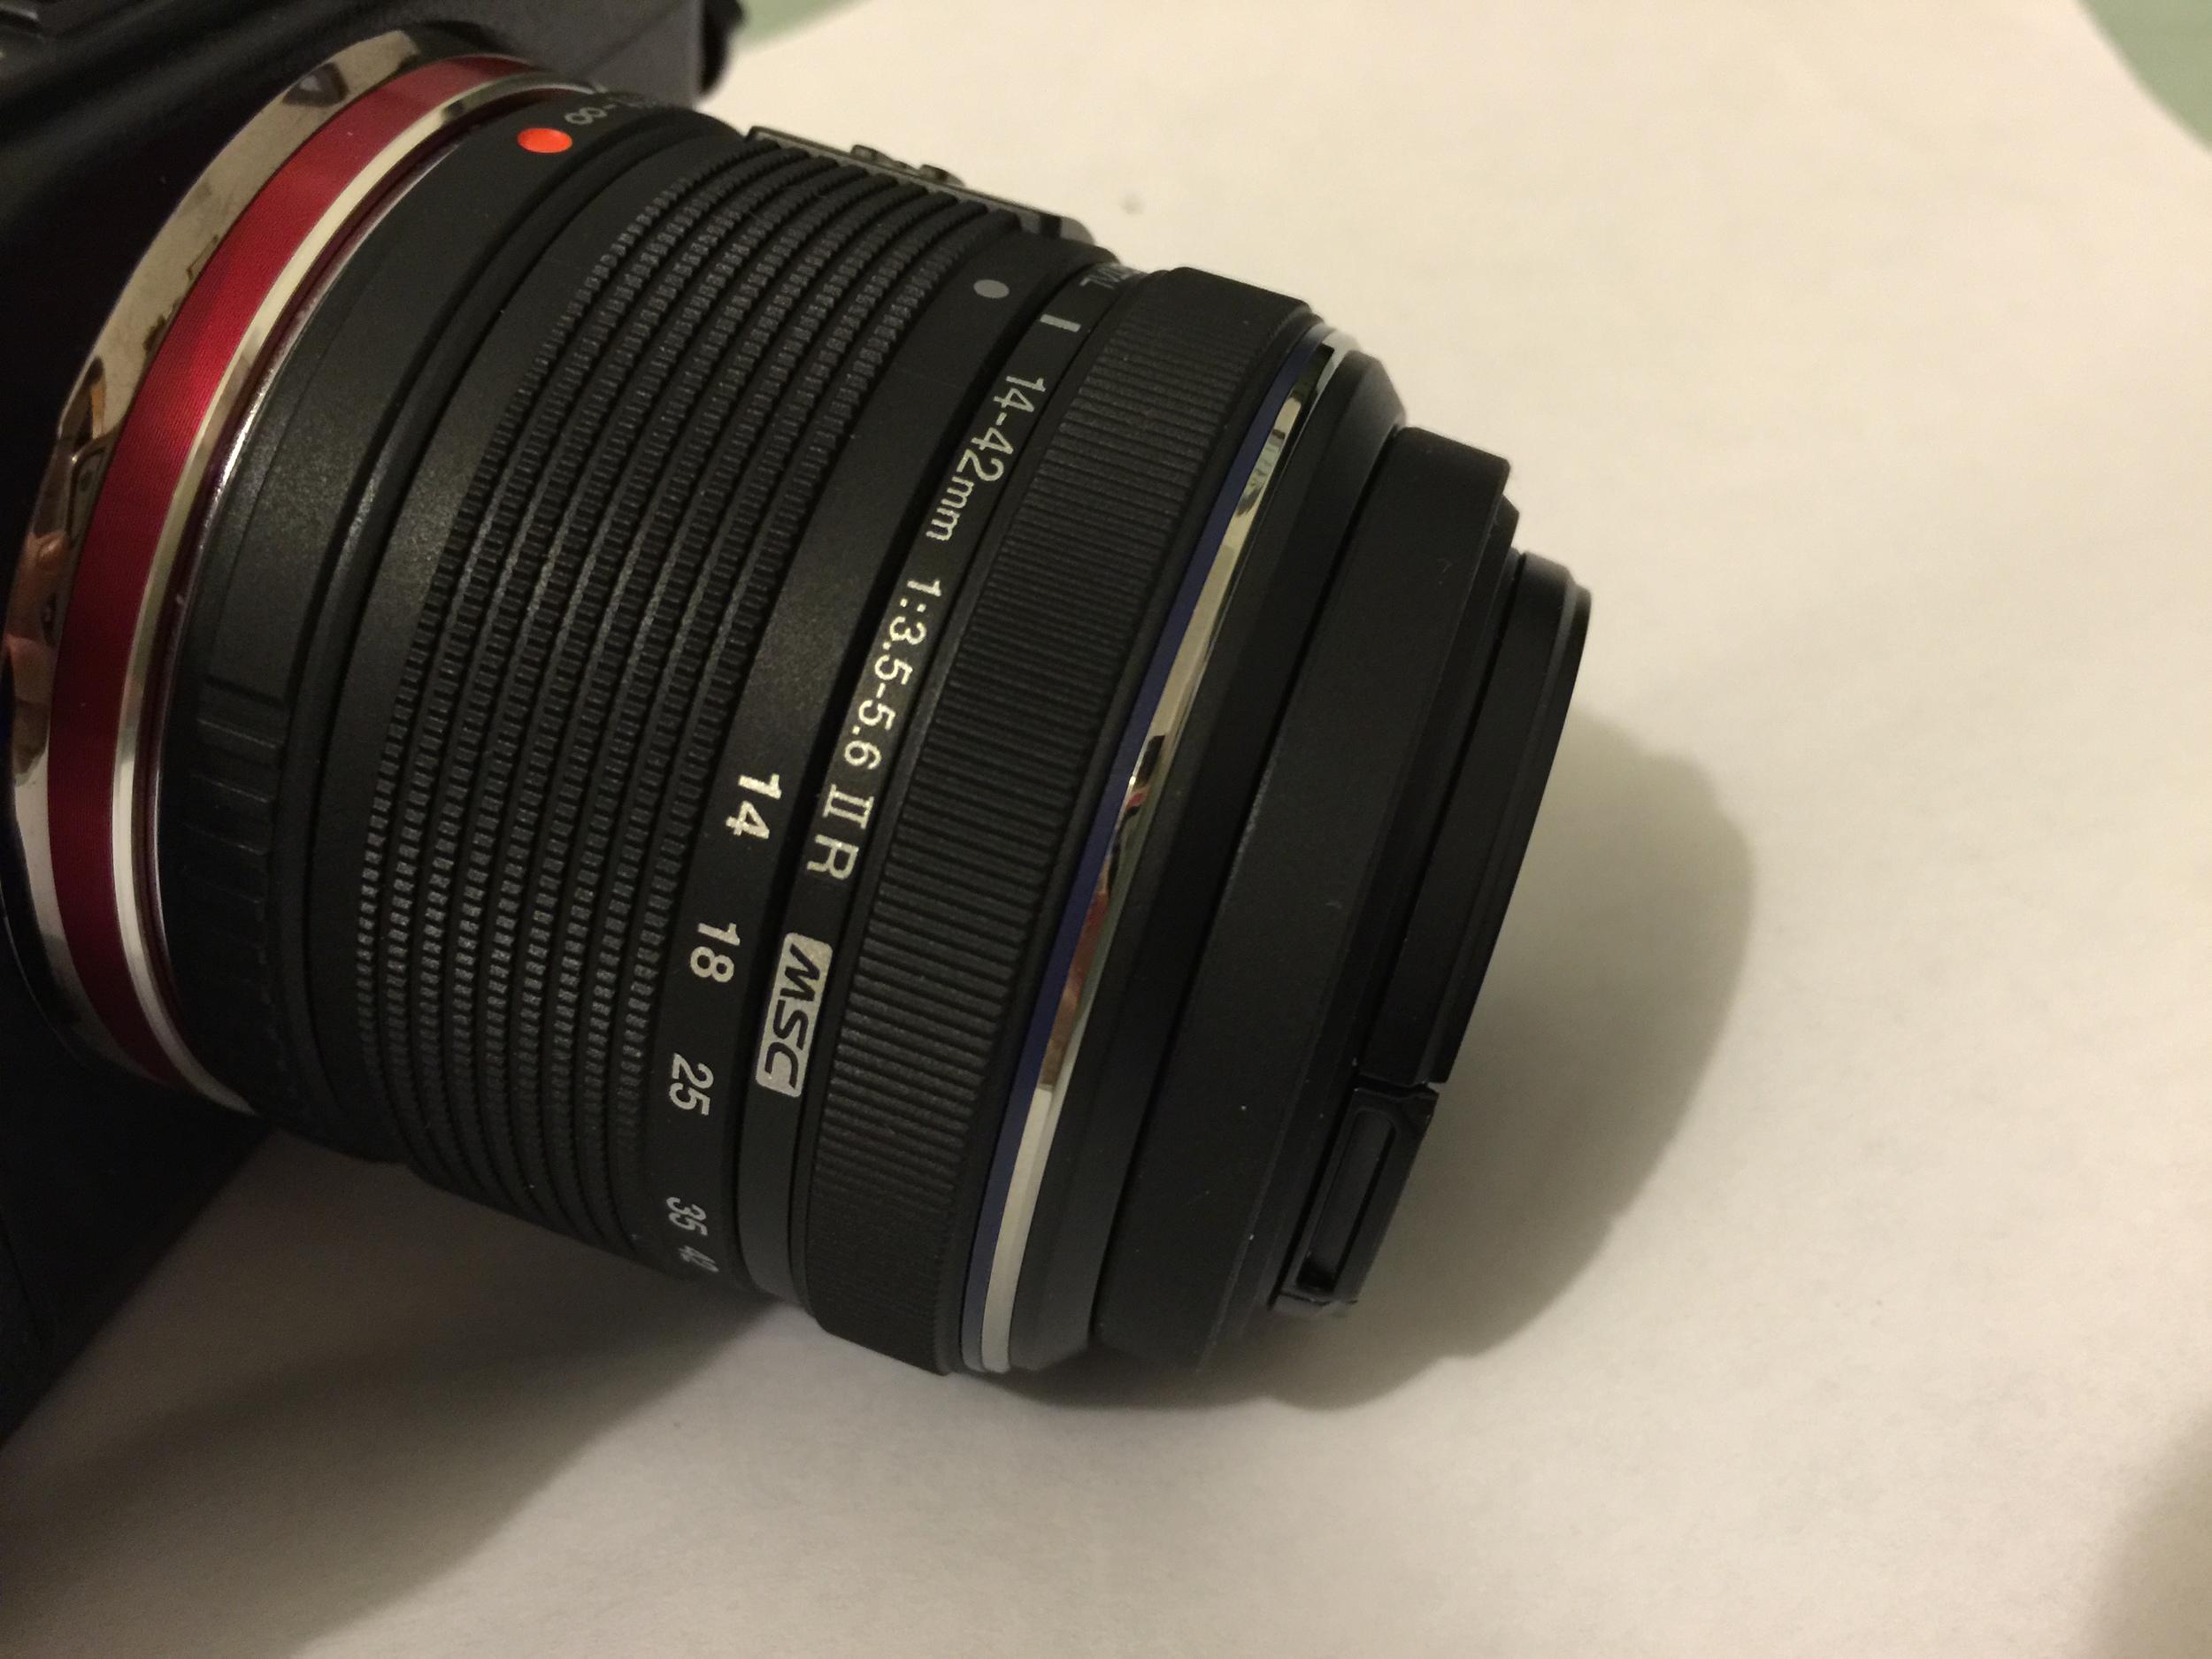 Olympus 14-42mm f/3.5-5.6